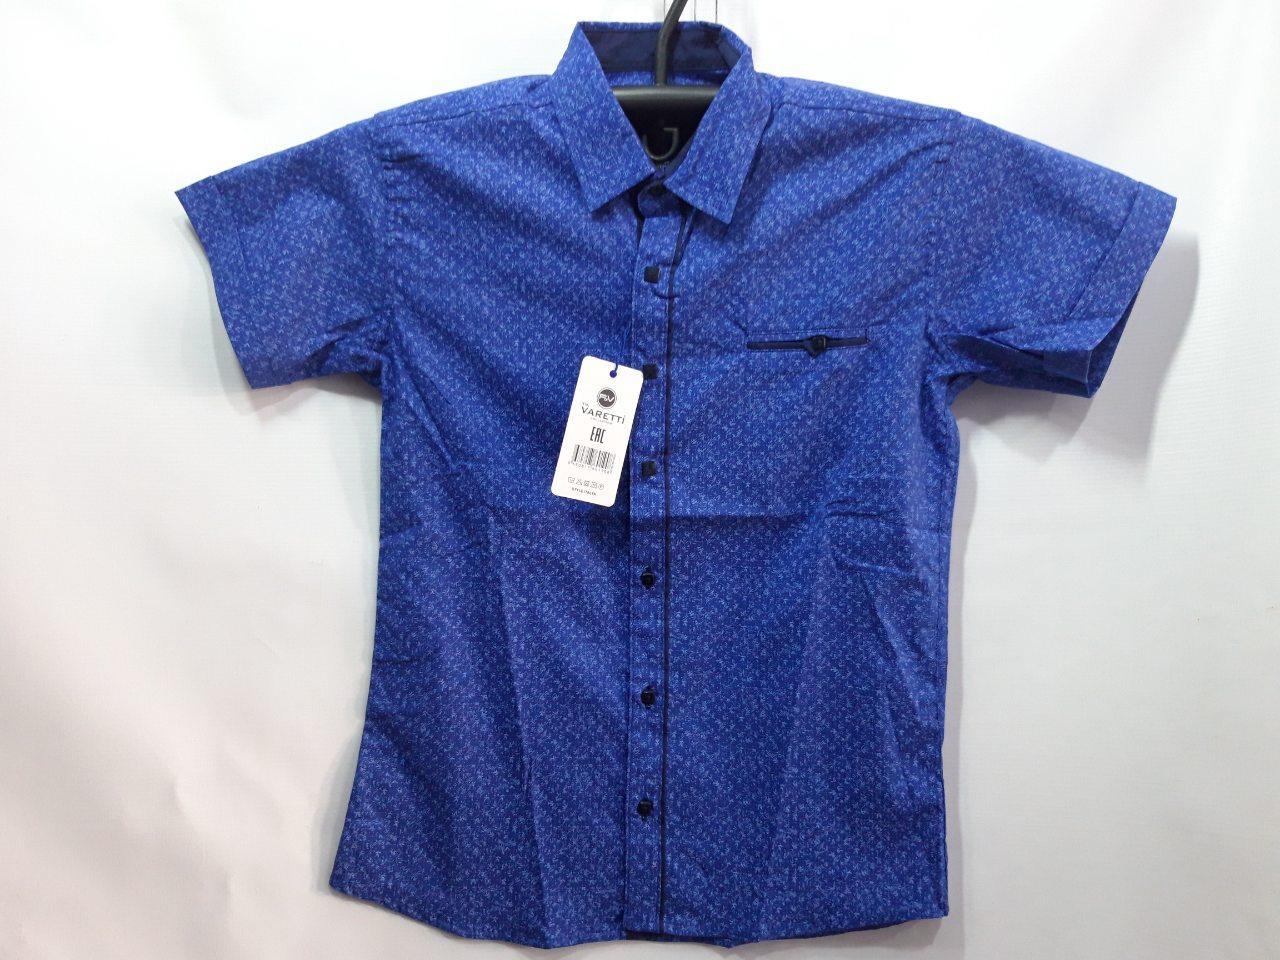 Детская рубашка для мальчика в школу синяя р. 7-12 лет опт